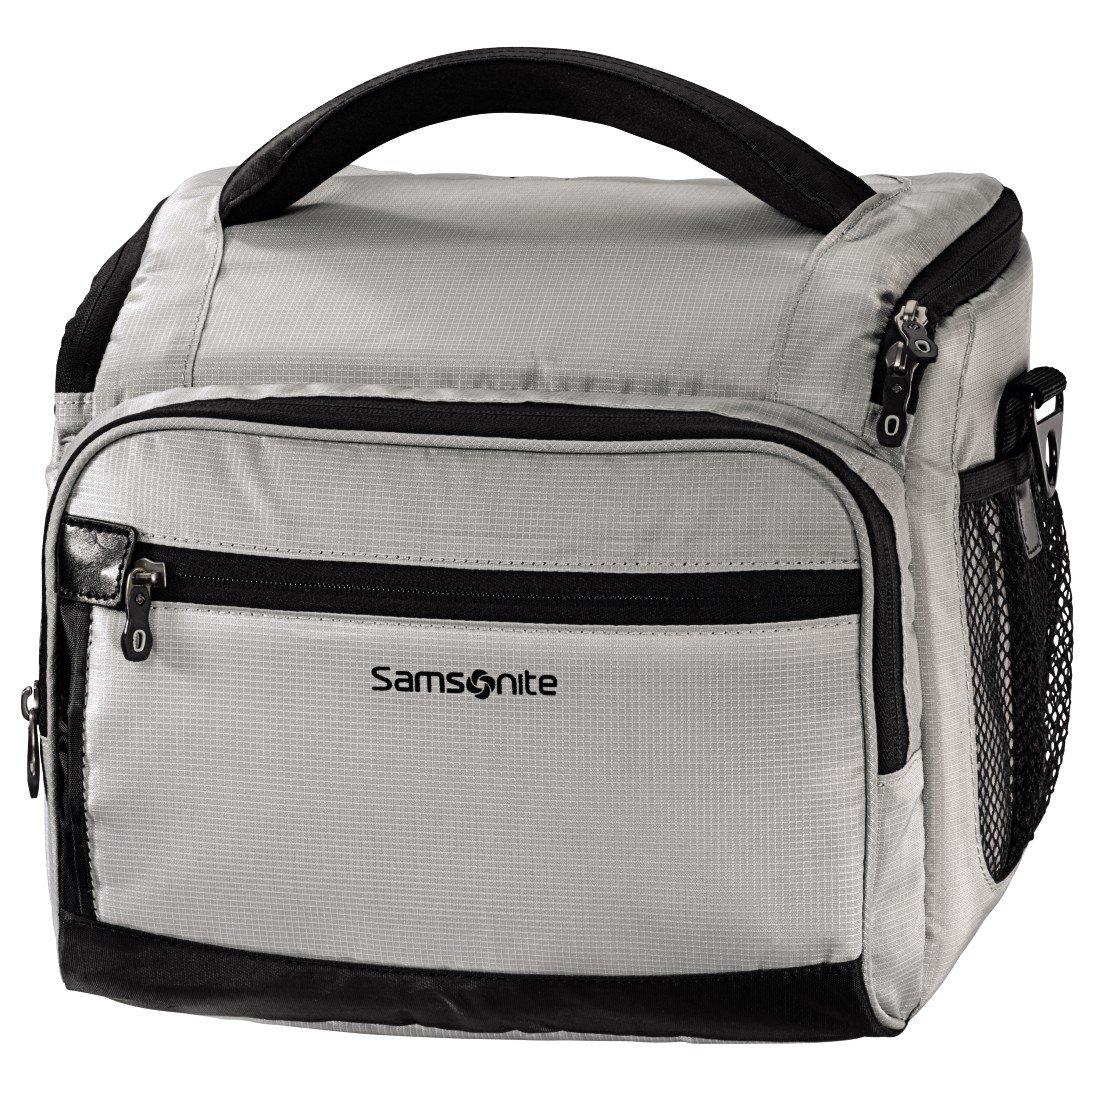 Samsonite Varadero 150 para cámaras: Amazon.es: Electrónica